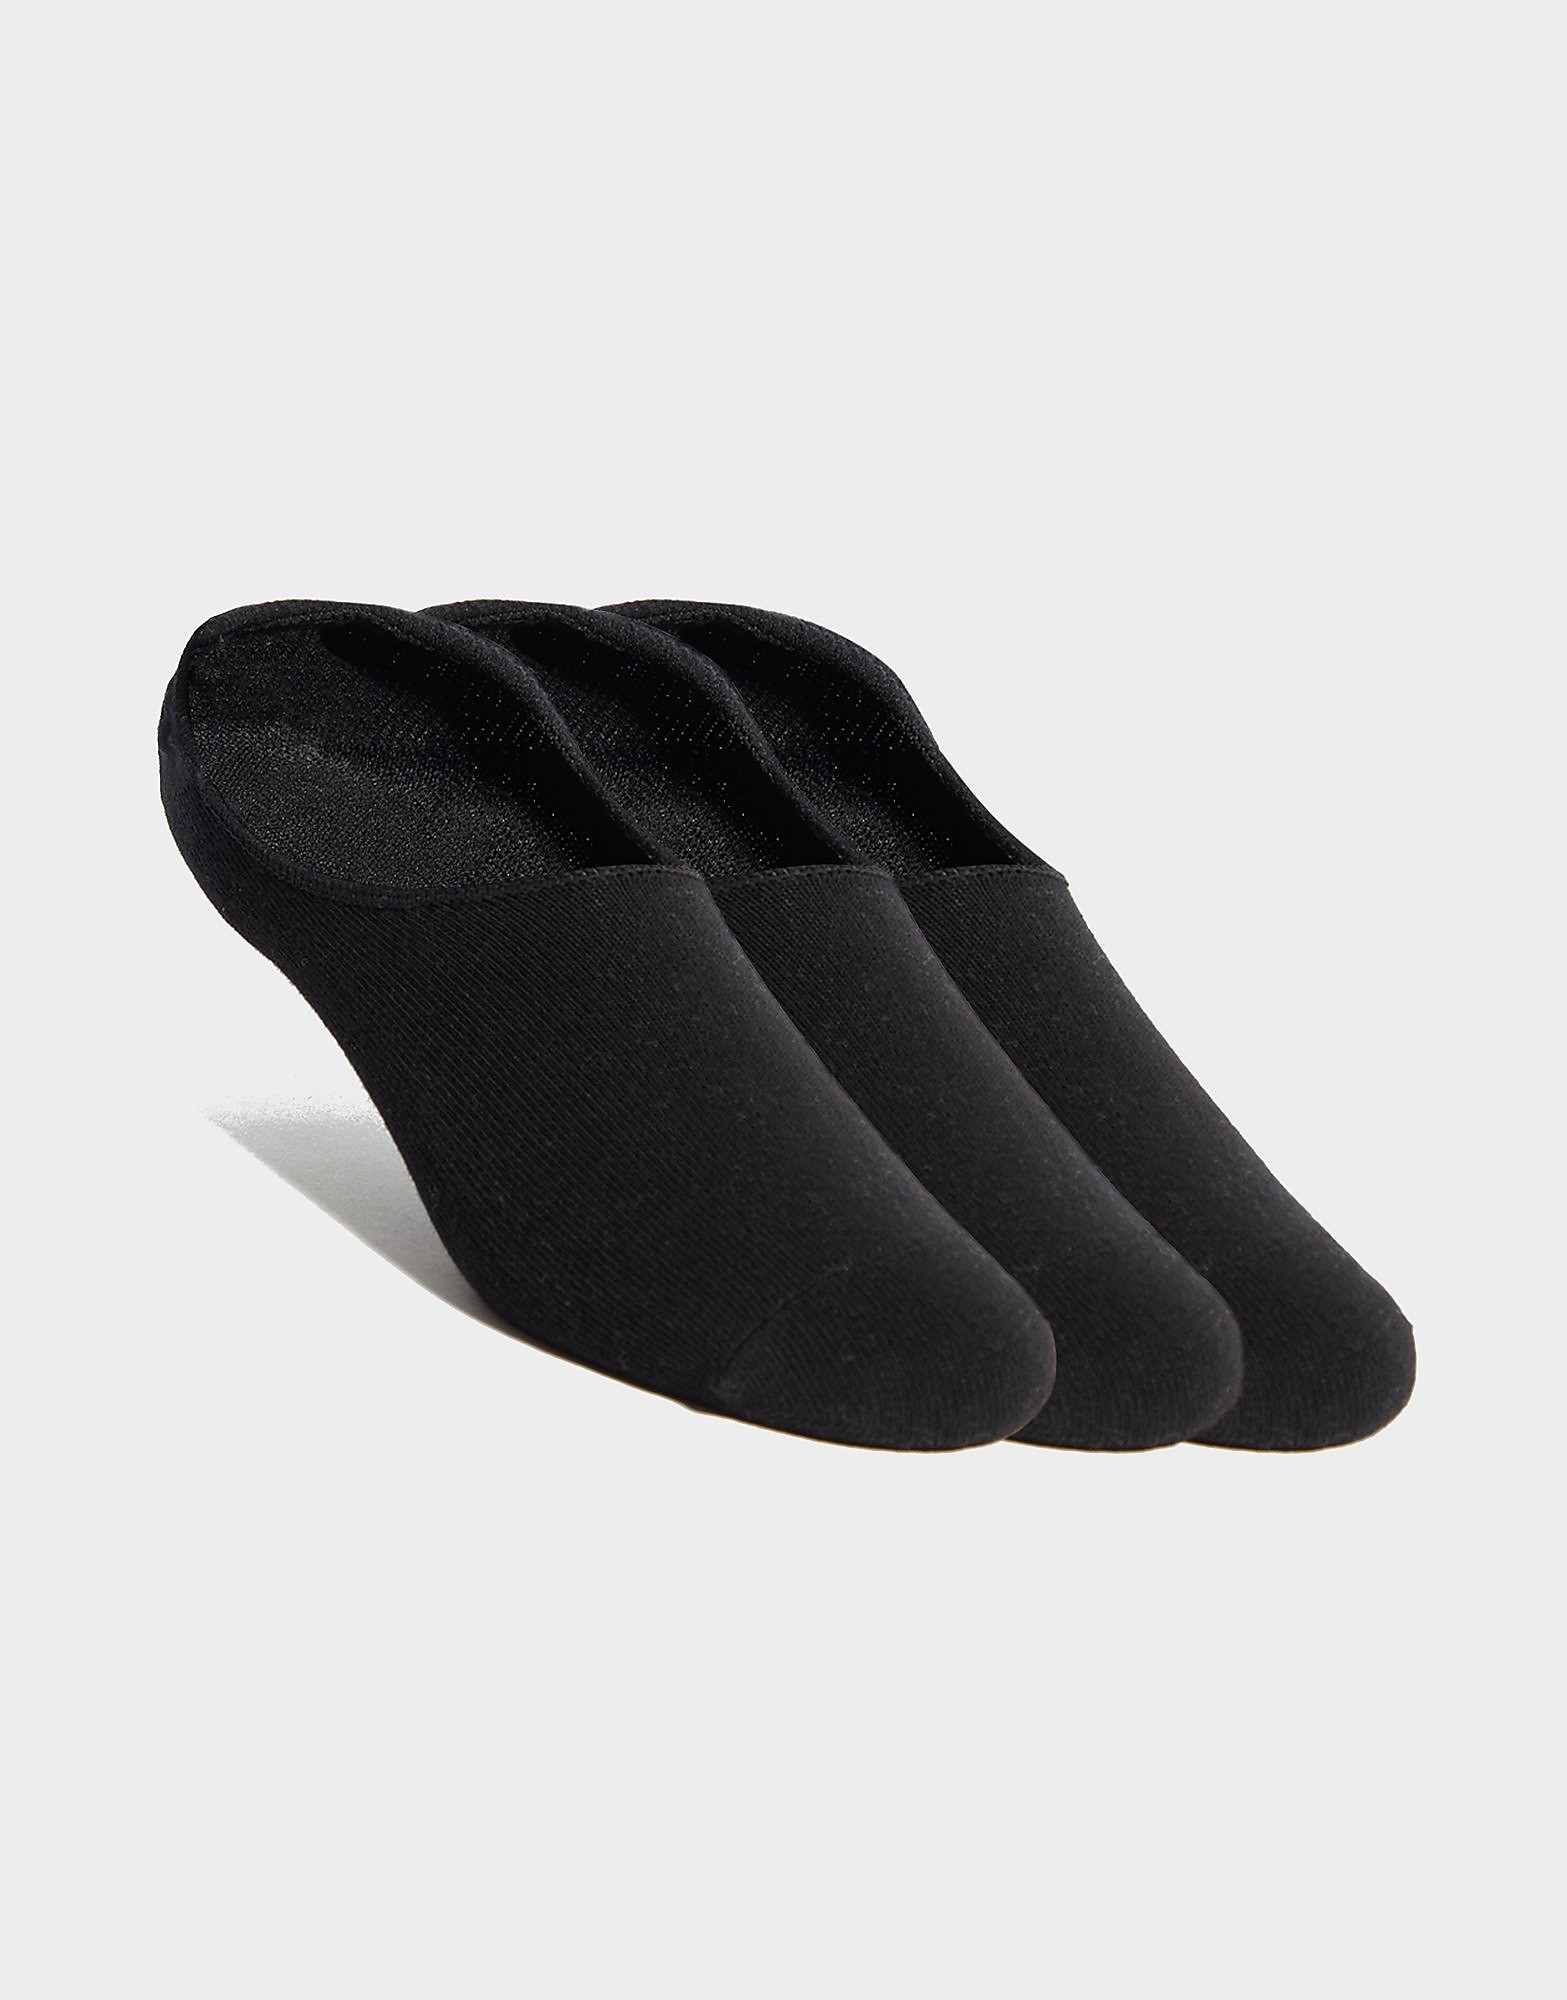 McKenzie 3 paar onzichtbare sokken